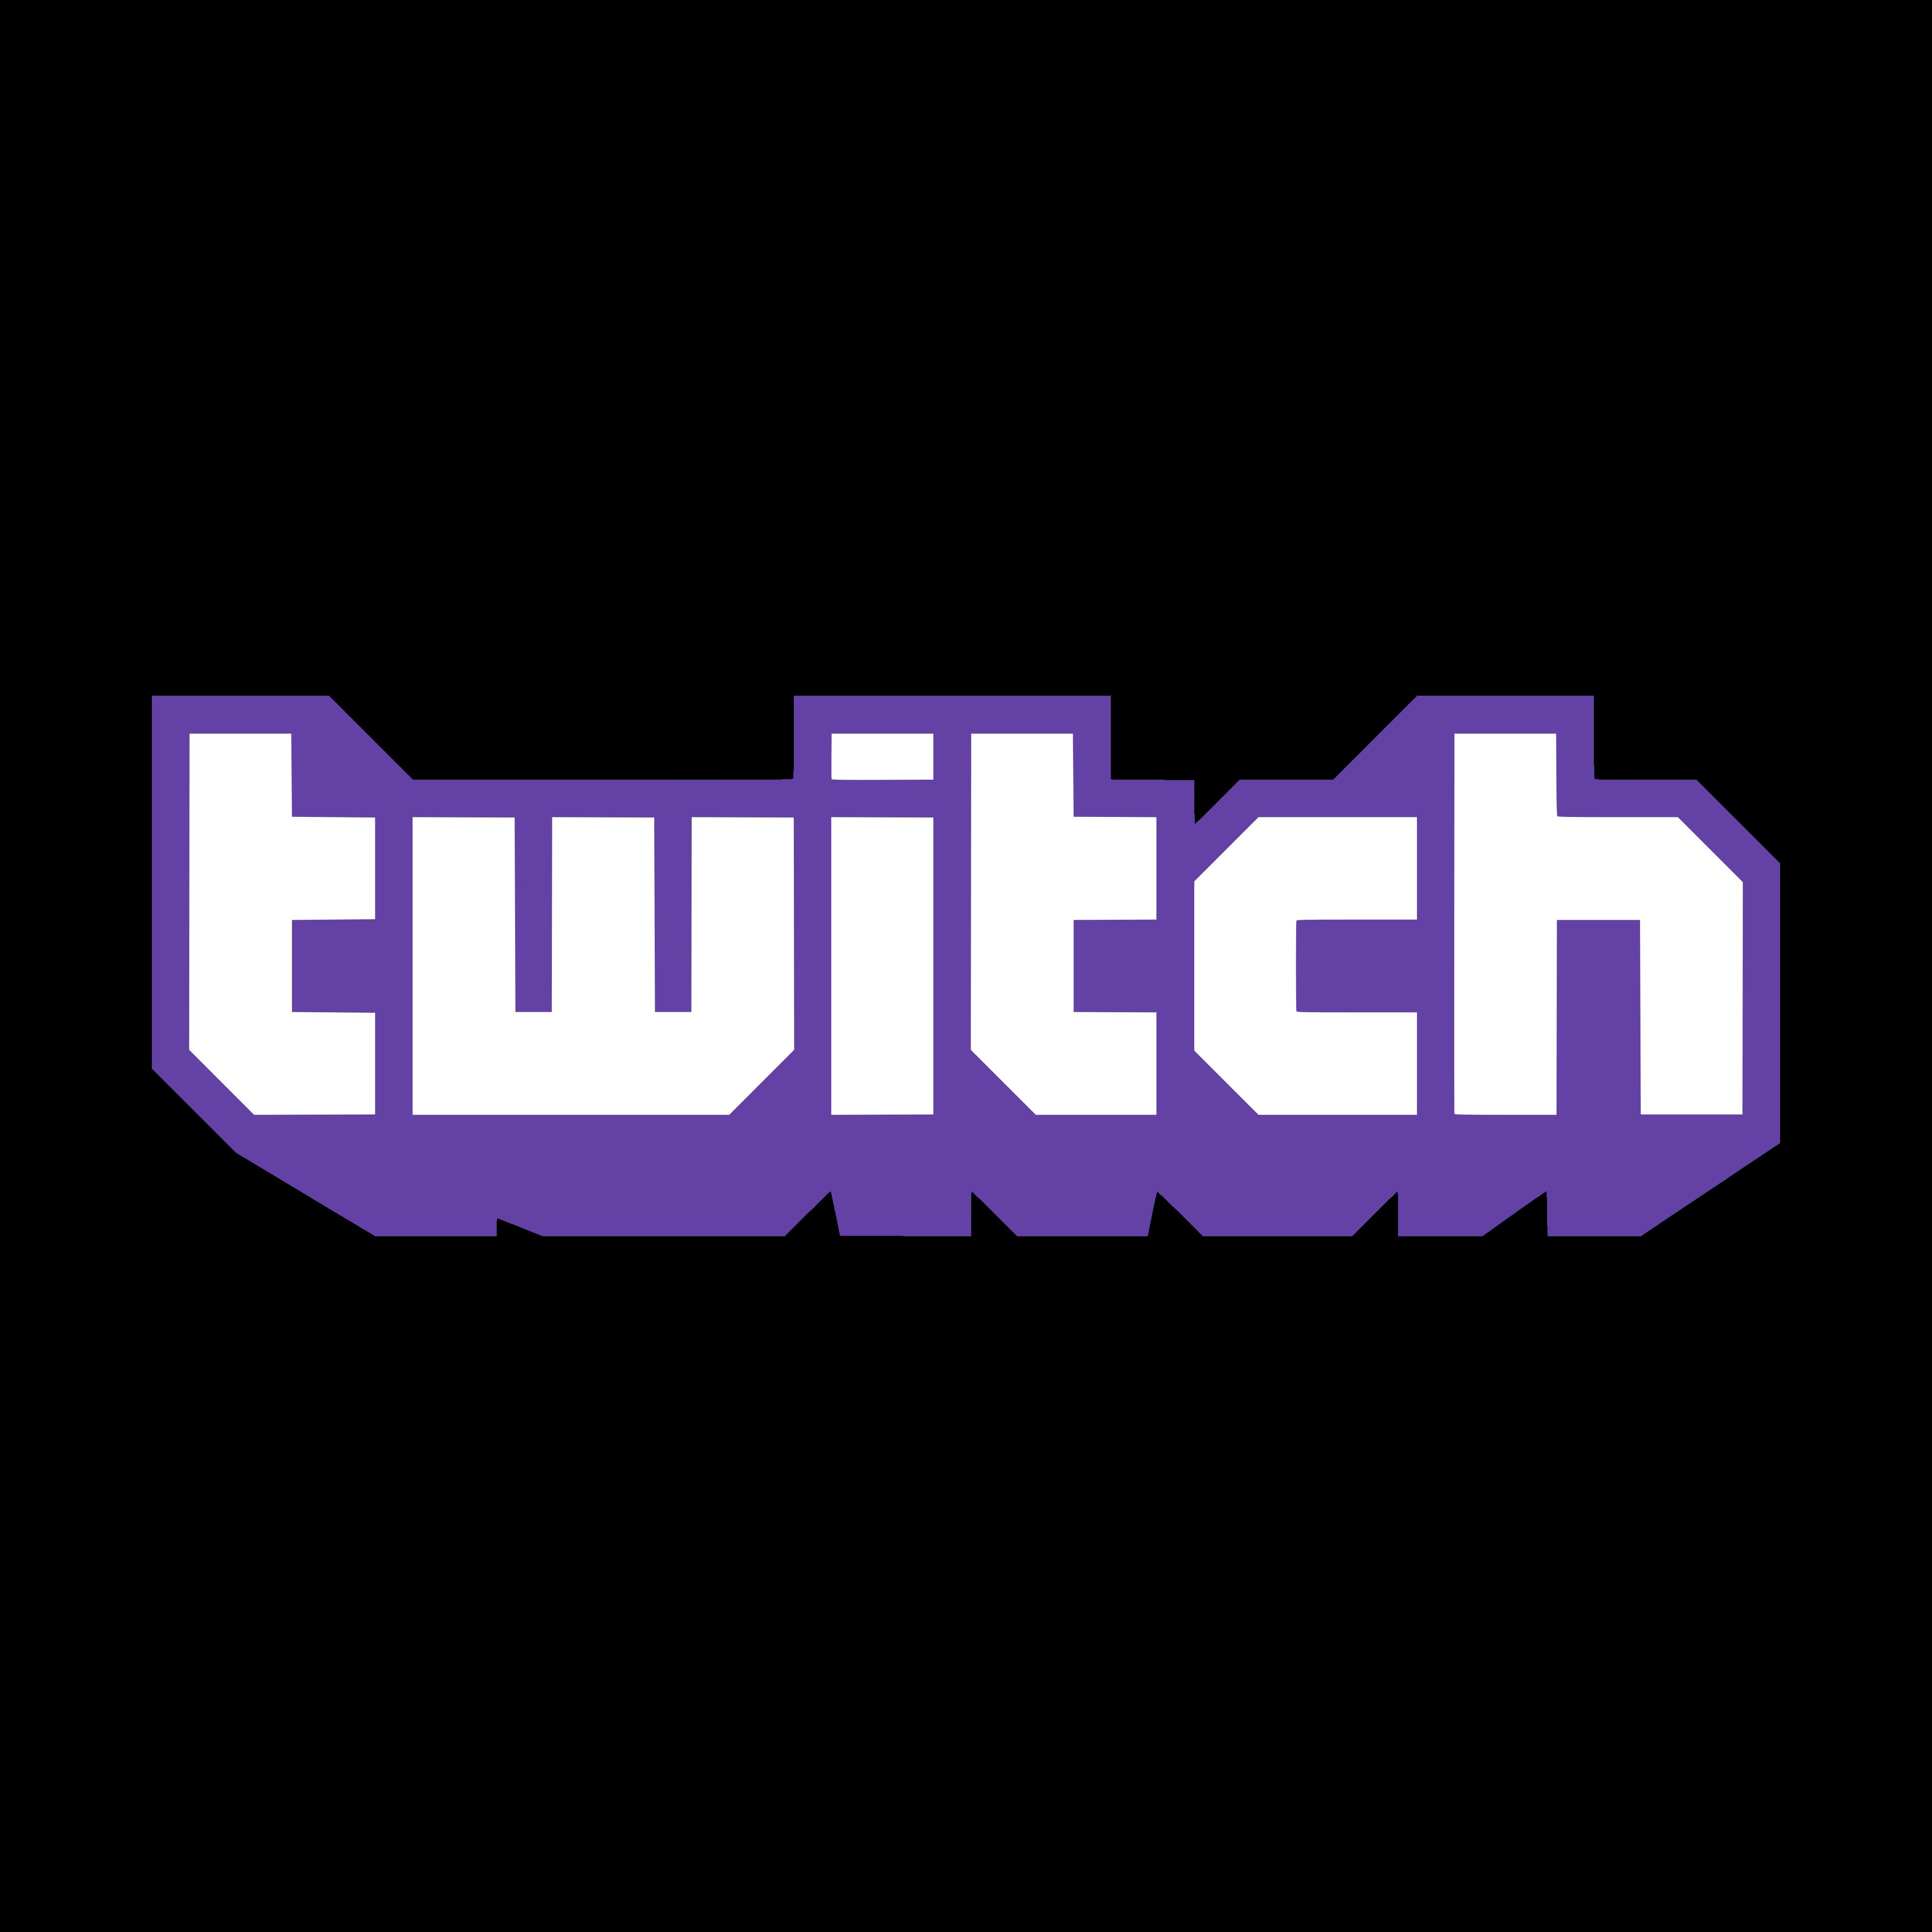 twitch logo 0 1 - Twitch Logo